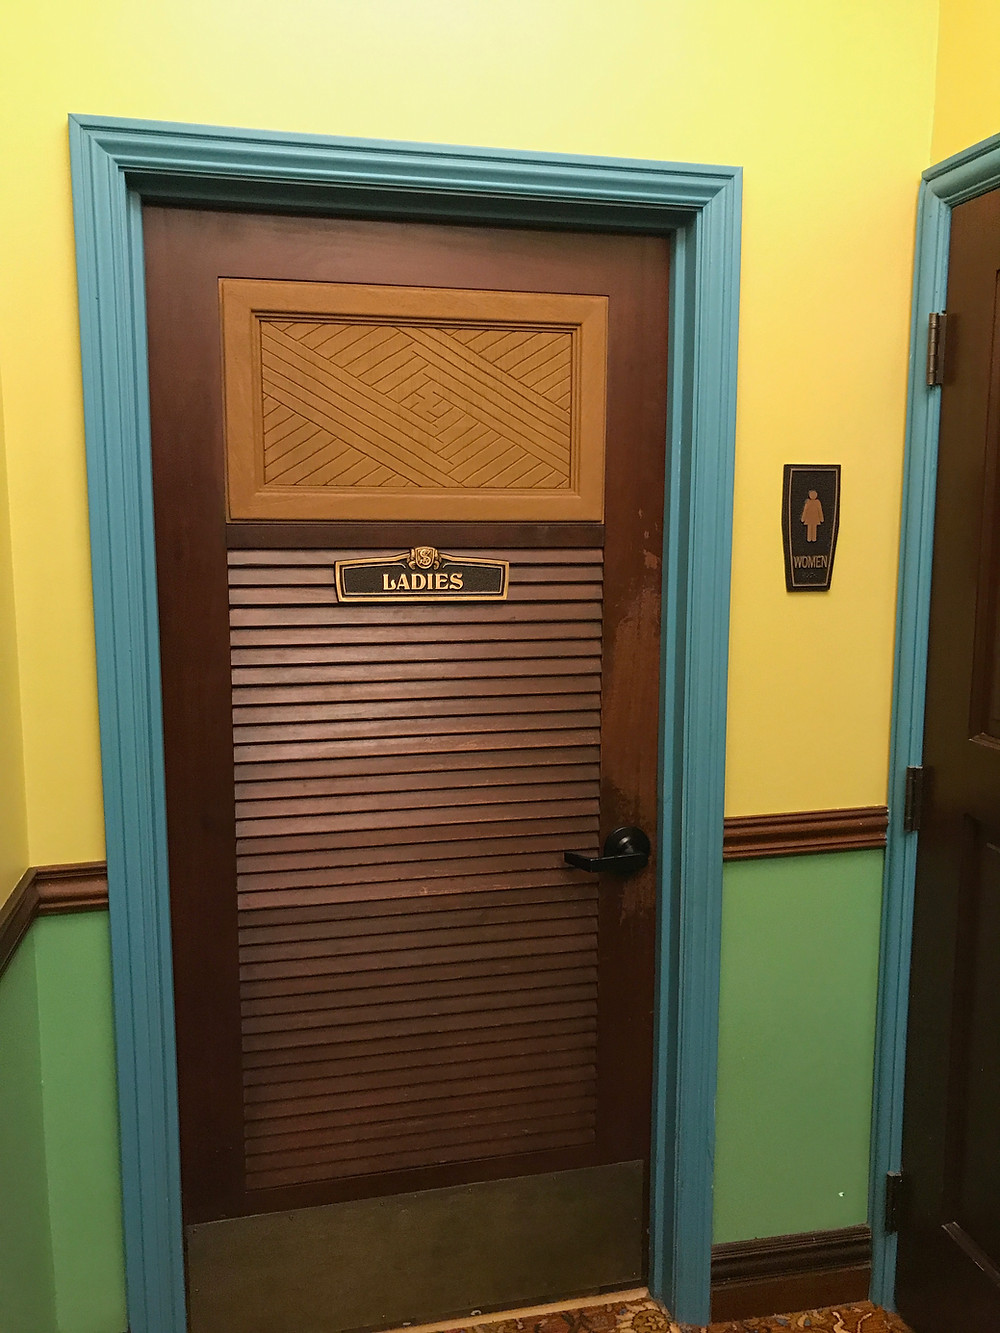 Door to Women's Restroom, Skipper Canteen